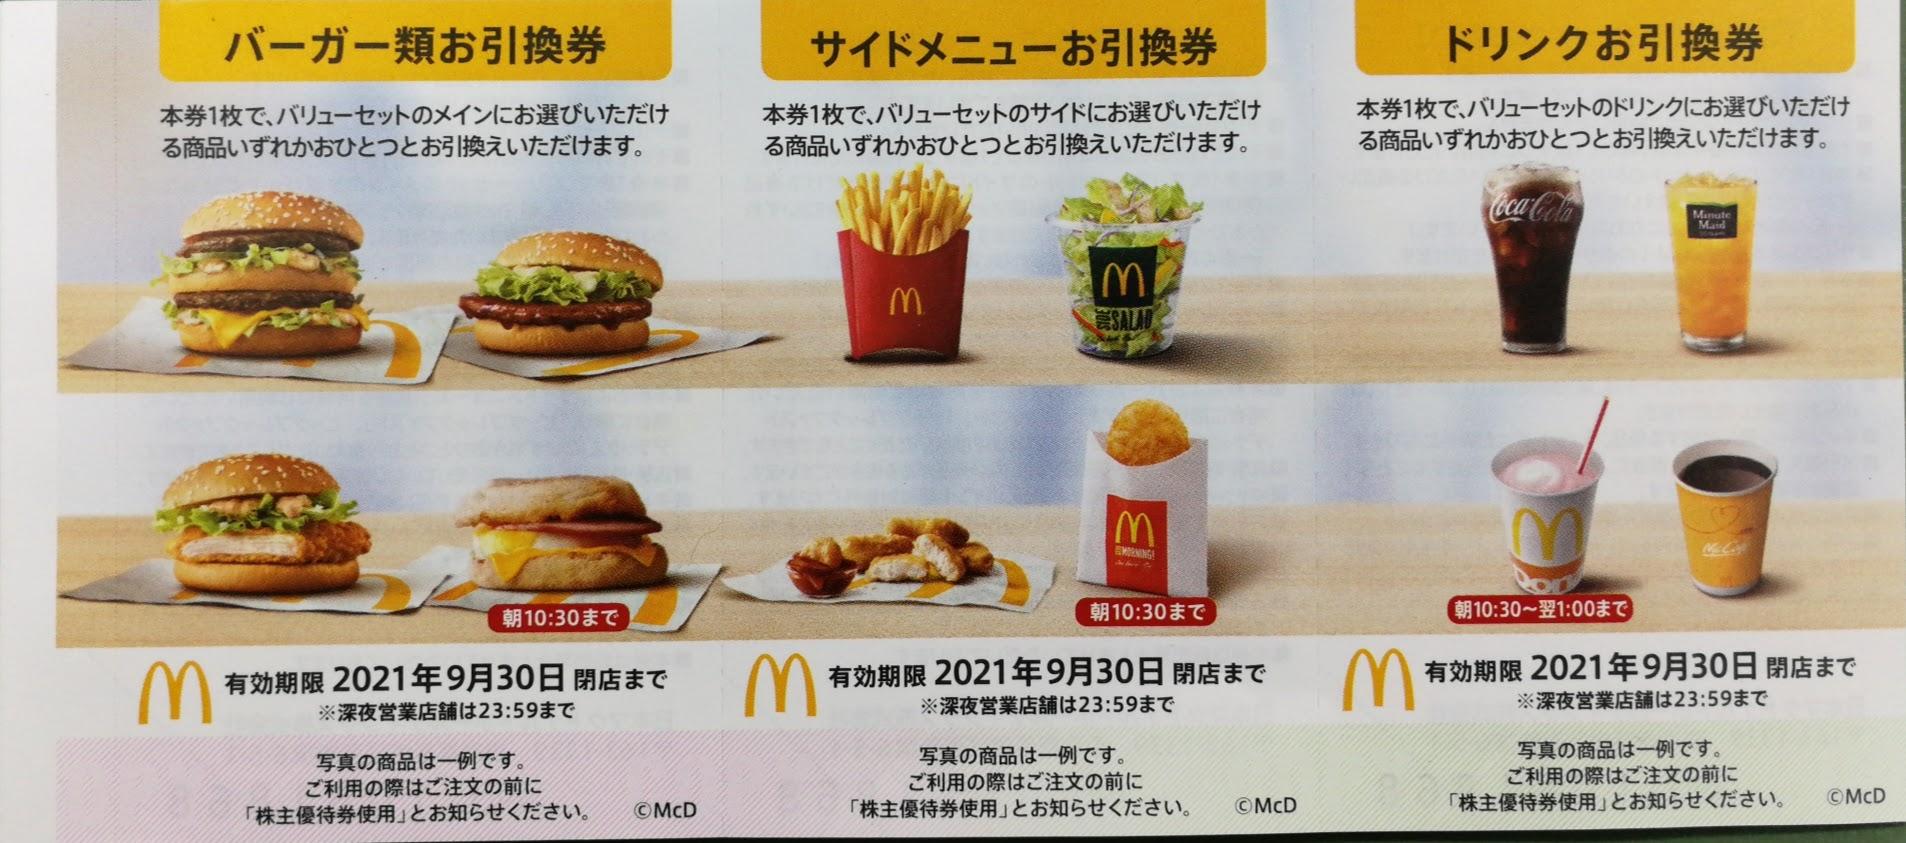 マクドナルド株主優待券(有効期限2021/9/30)